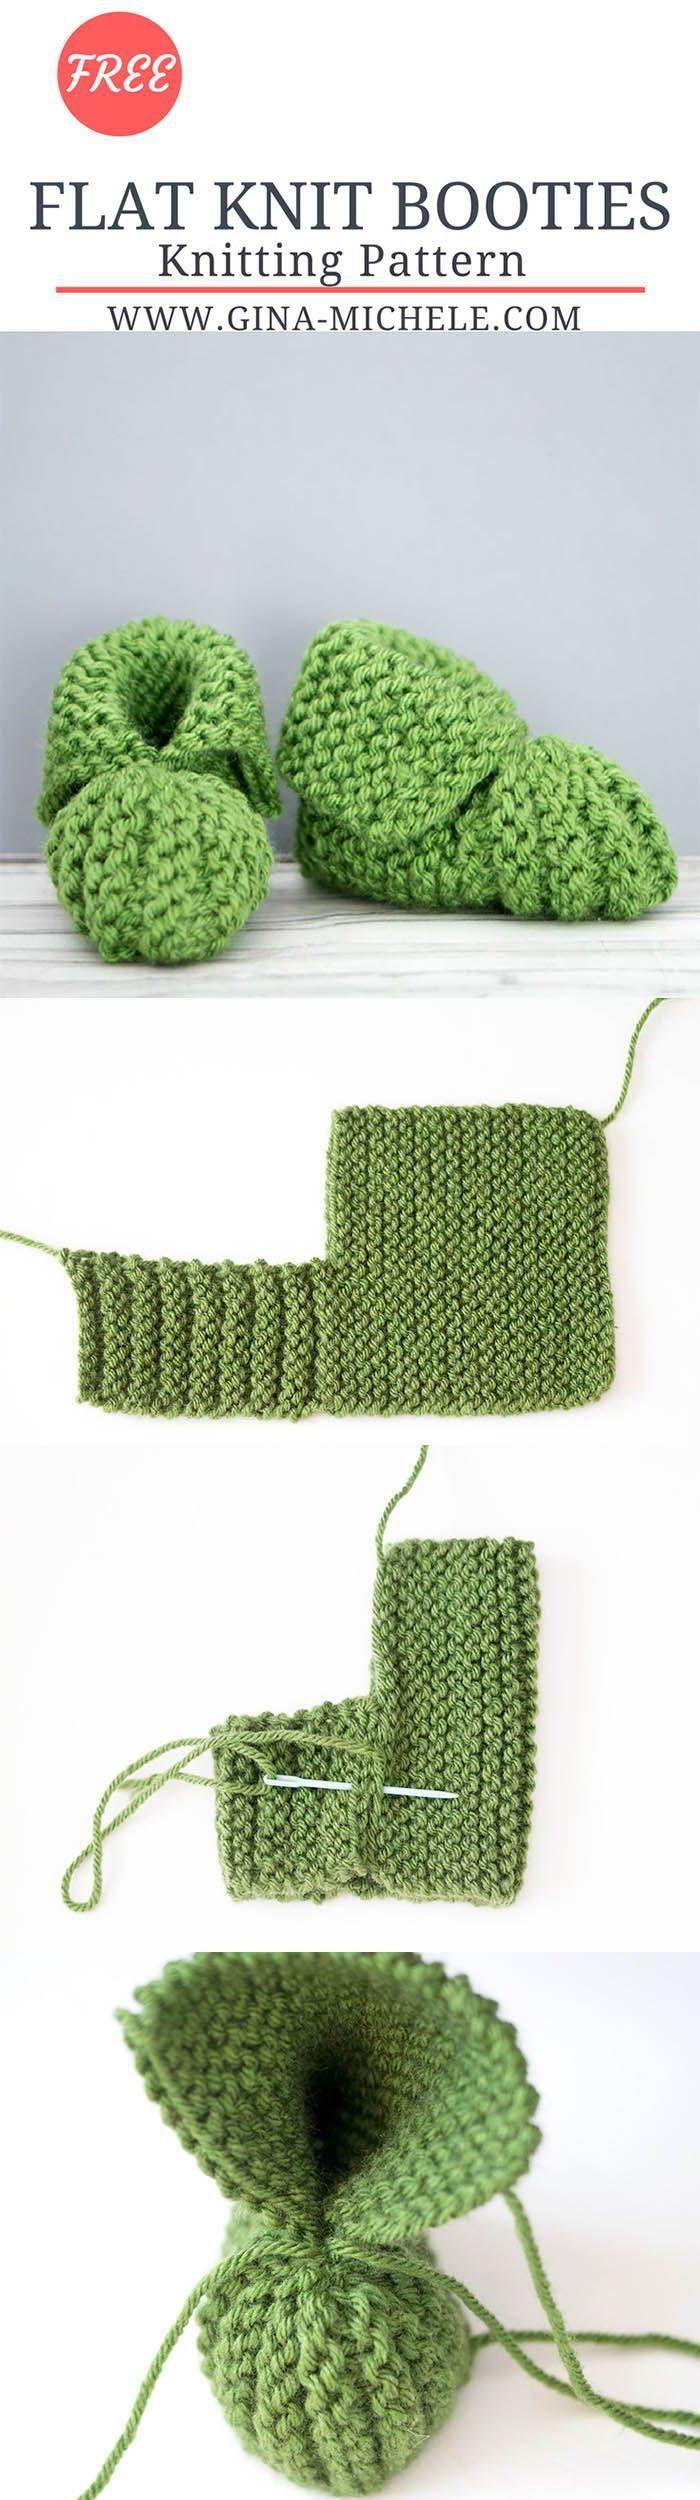 122 besten Knitting Bilder auf Pinterest | Strickmuster ...